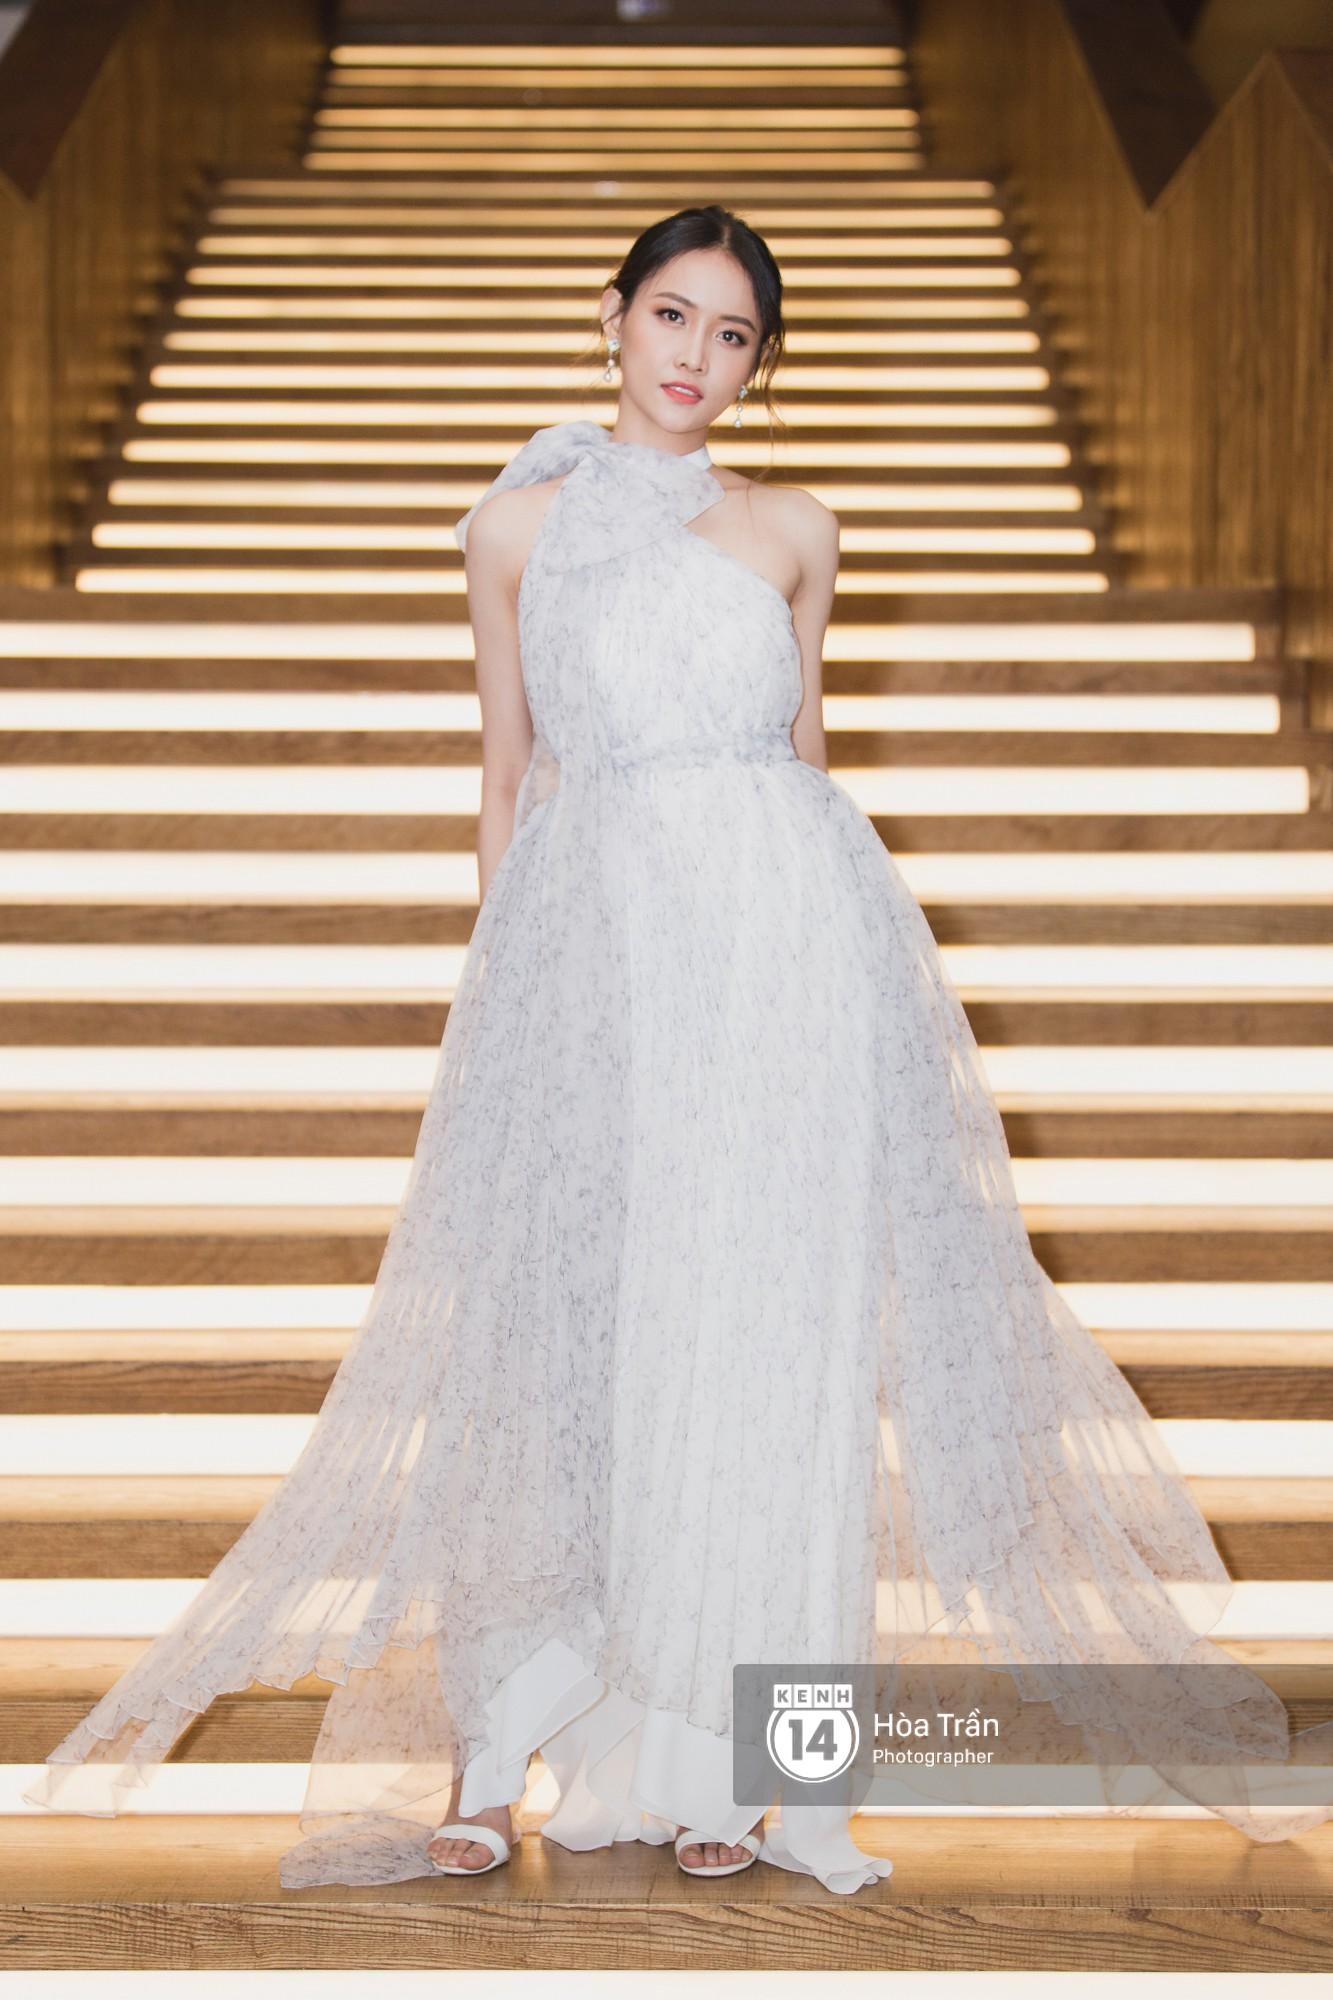 Giữa một dàn mỹ nhân giật giũ như Hari và Jun Vũ, Hoa hậu Đặng Thu Thảo giản dị mà vẫn trội bật - Ảnh 23.